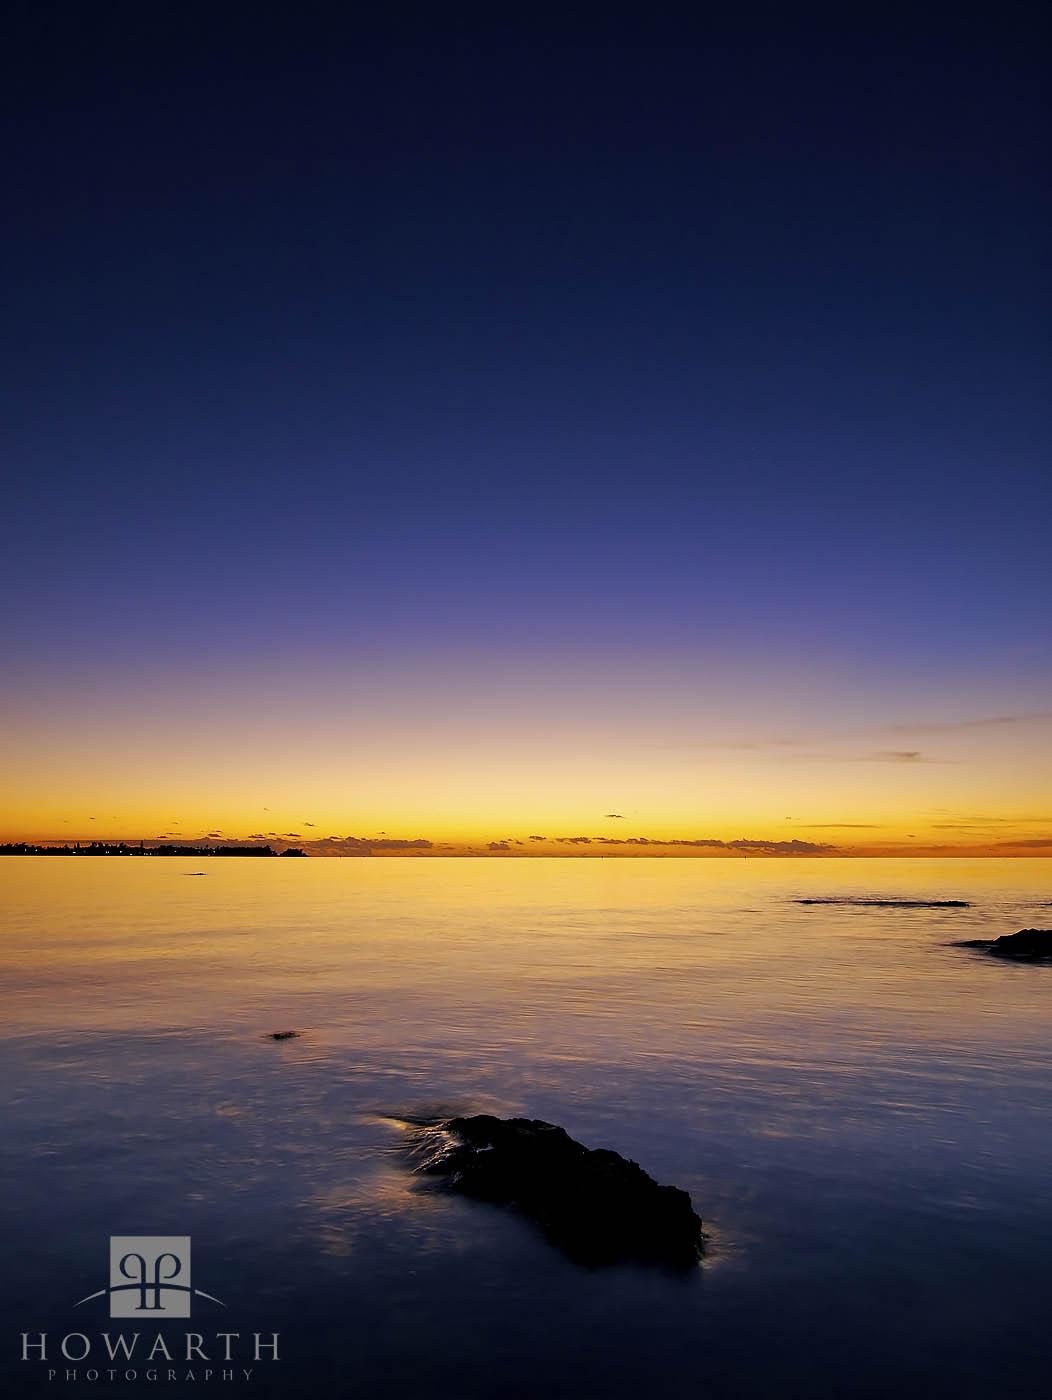 orange, band, light, purple, ireland, island, somerset, sunset, , photo